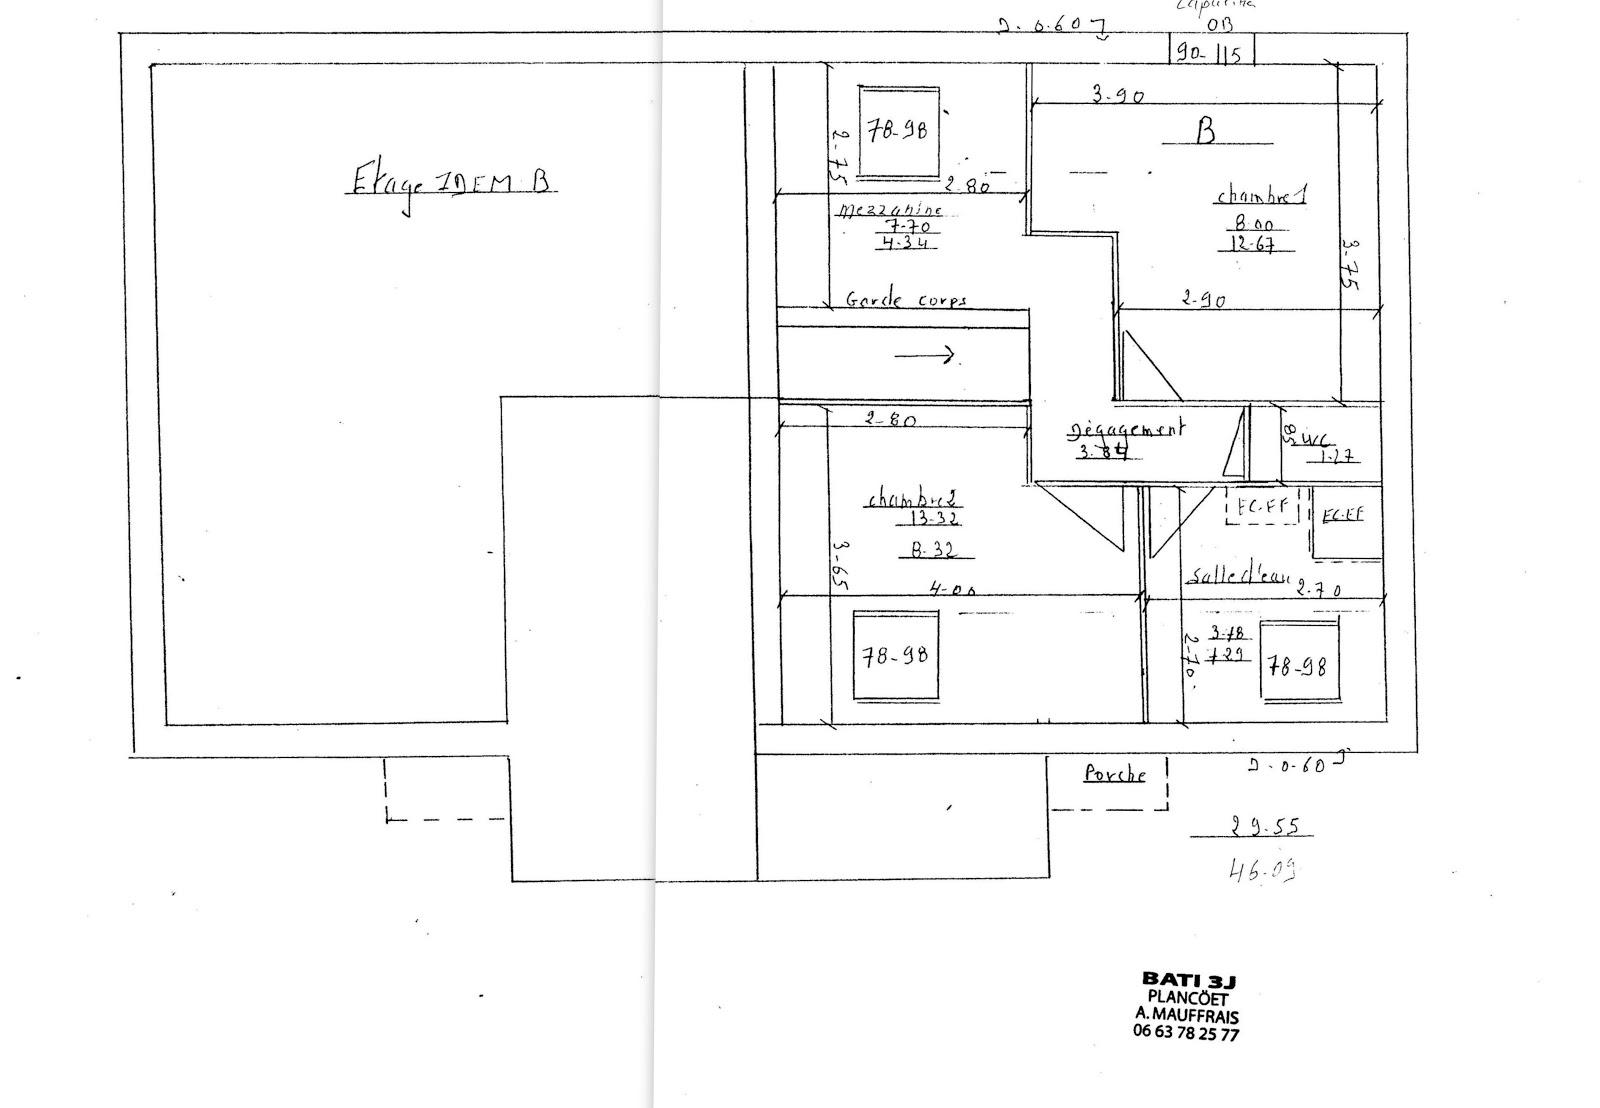 Plan maison permis de construire - Maison a construire plan ...